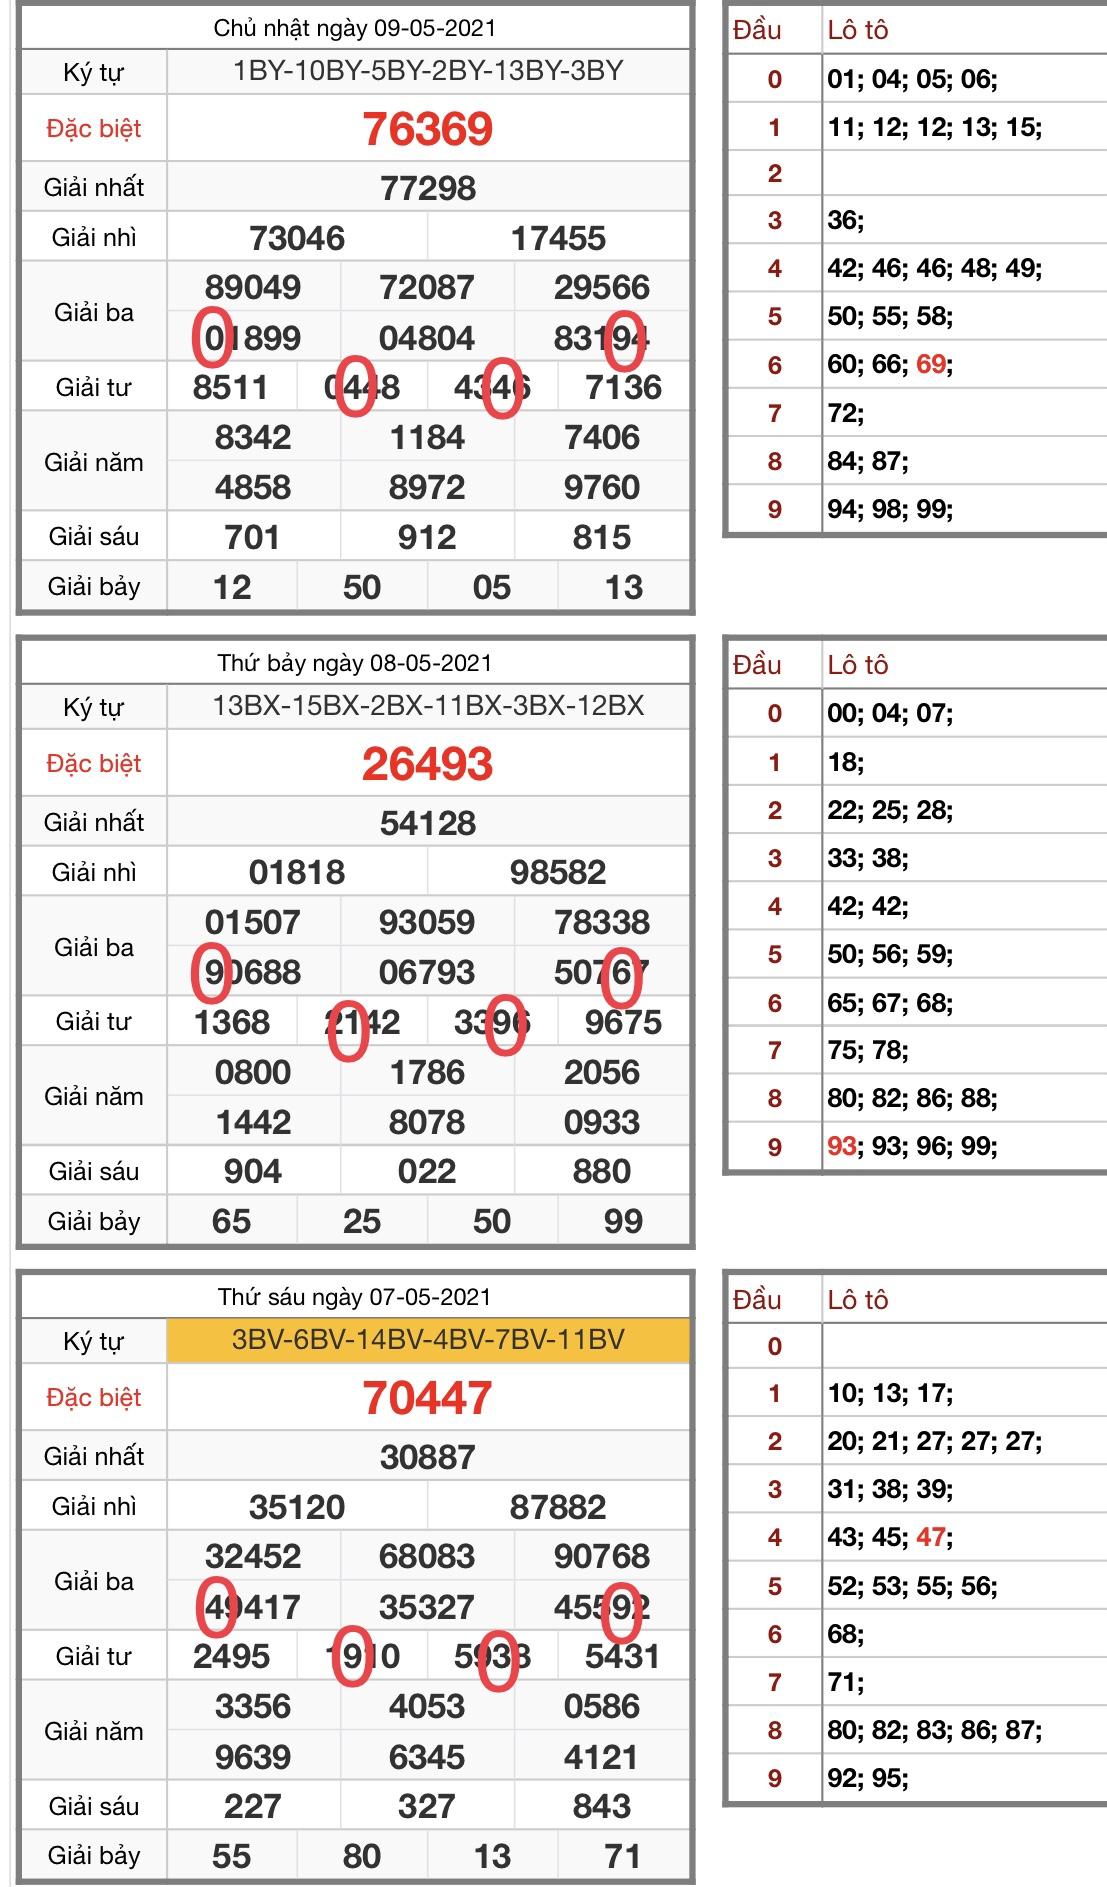 6795A433-ACBC-49FB-A4B8-583220E801BD.jpeg